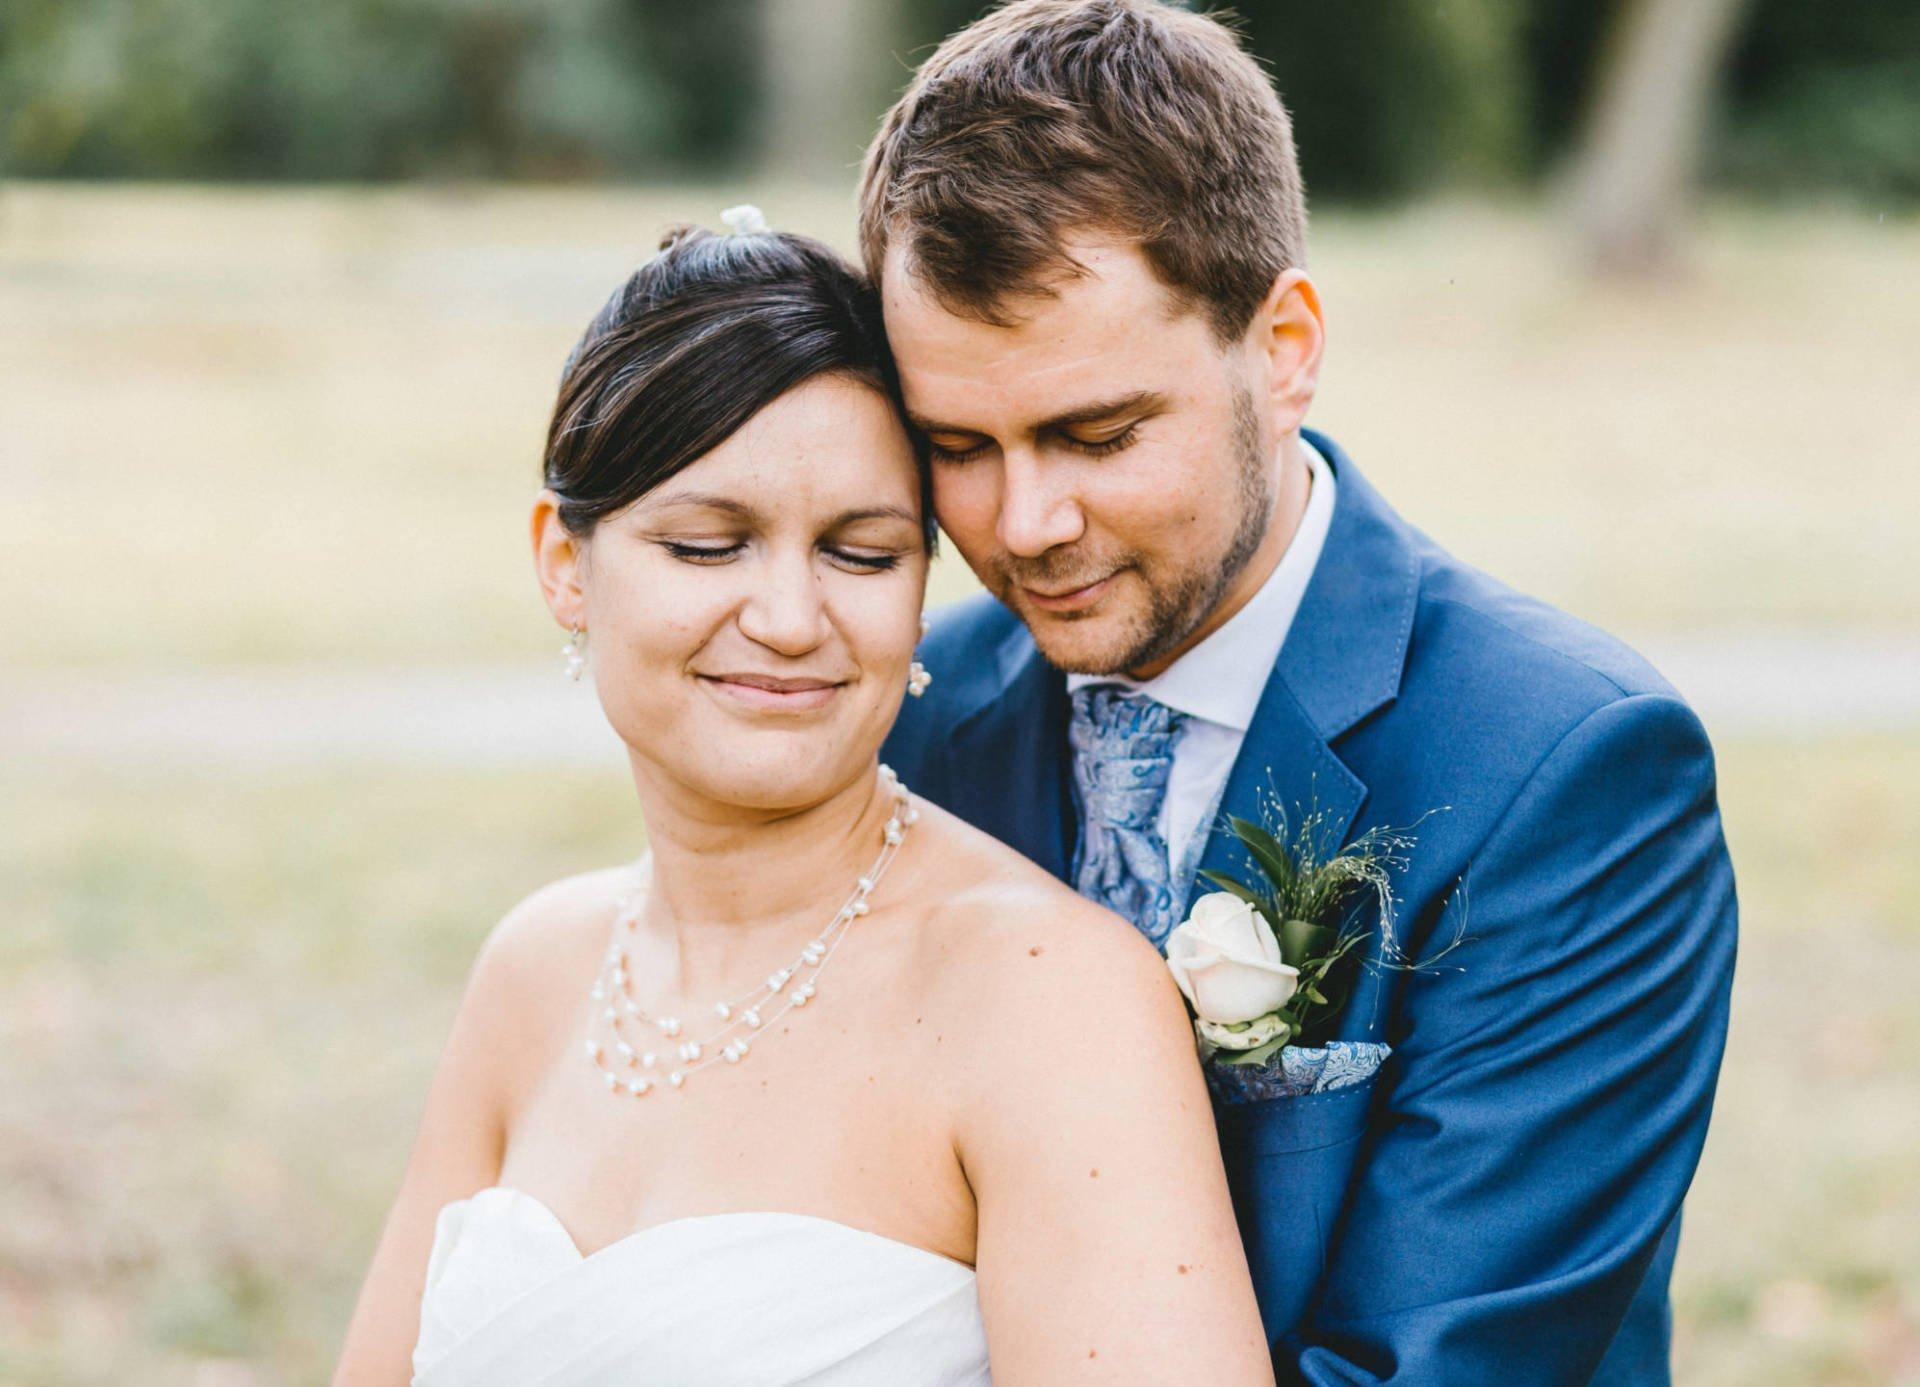 Hochzeitsreportage | Hochzeit im Paradies Jena | 17